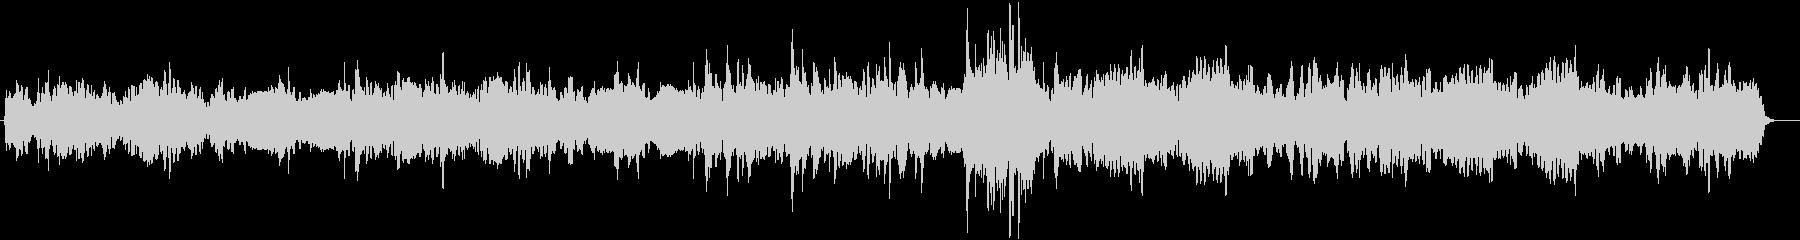 フルートメインのほのぼの日常系BGMの未再生の波形